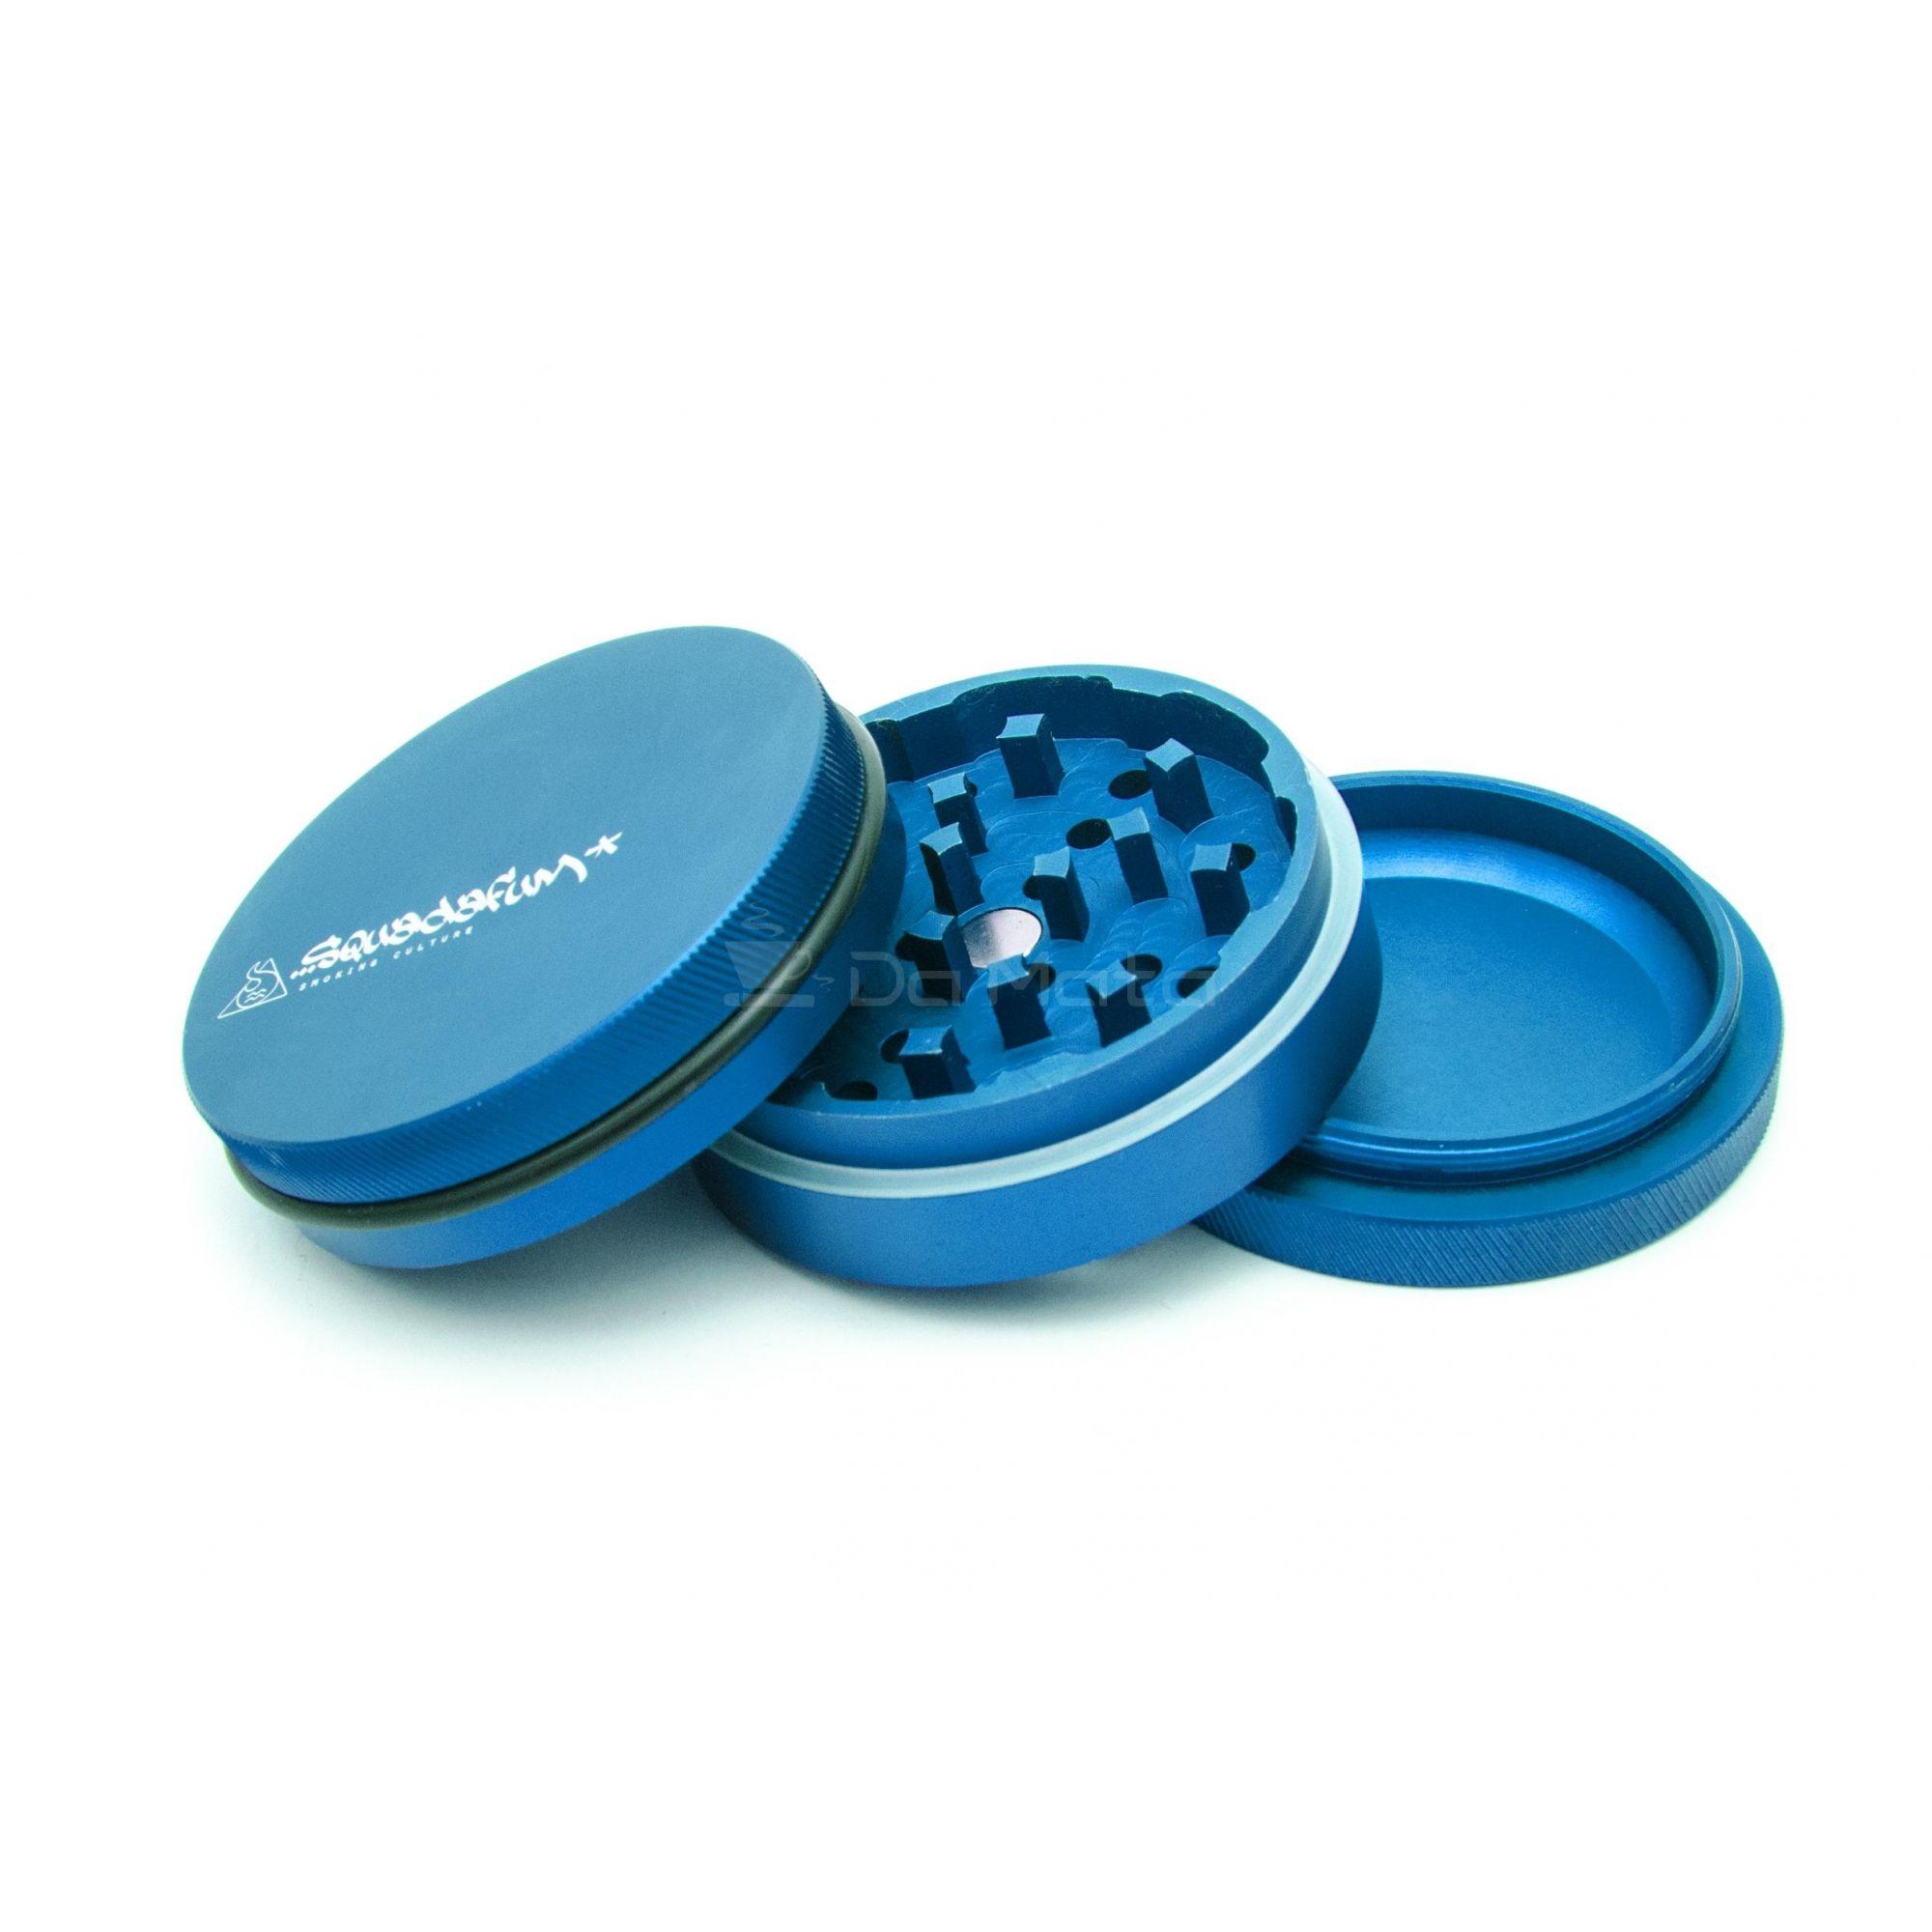 Dichavador Squadafum 3 partes - 6,3 cm